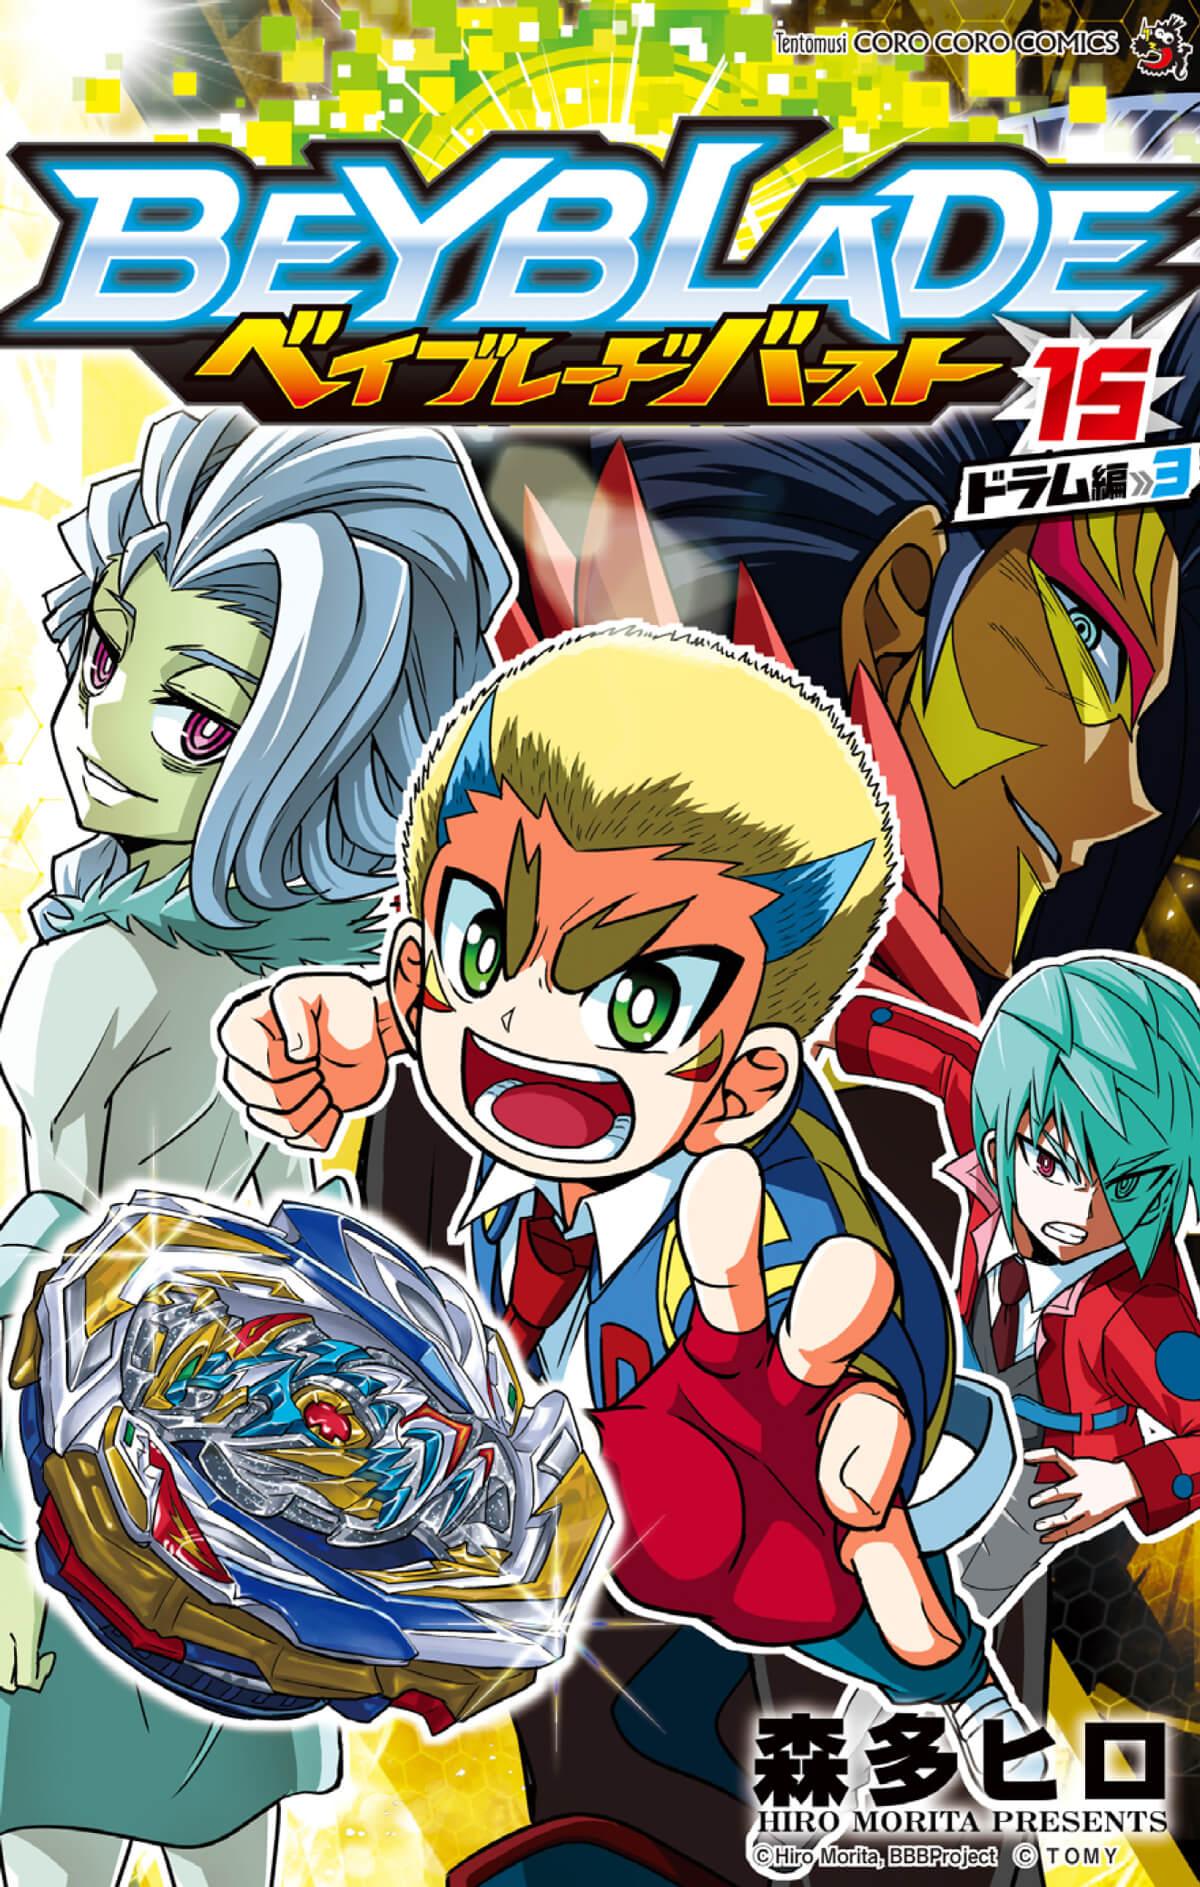 ベイブレードバースト コミックス15巻 6月26日(金)発売開始!